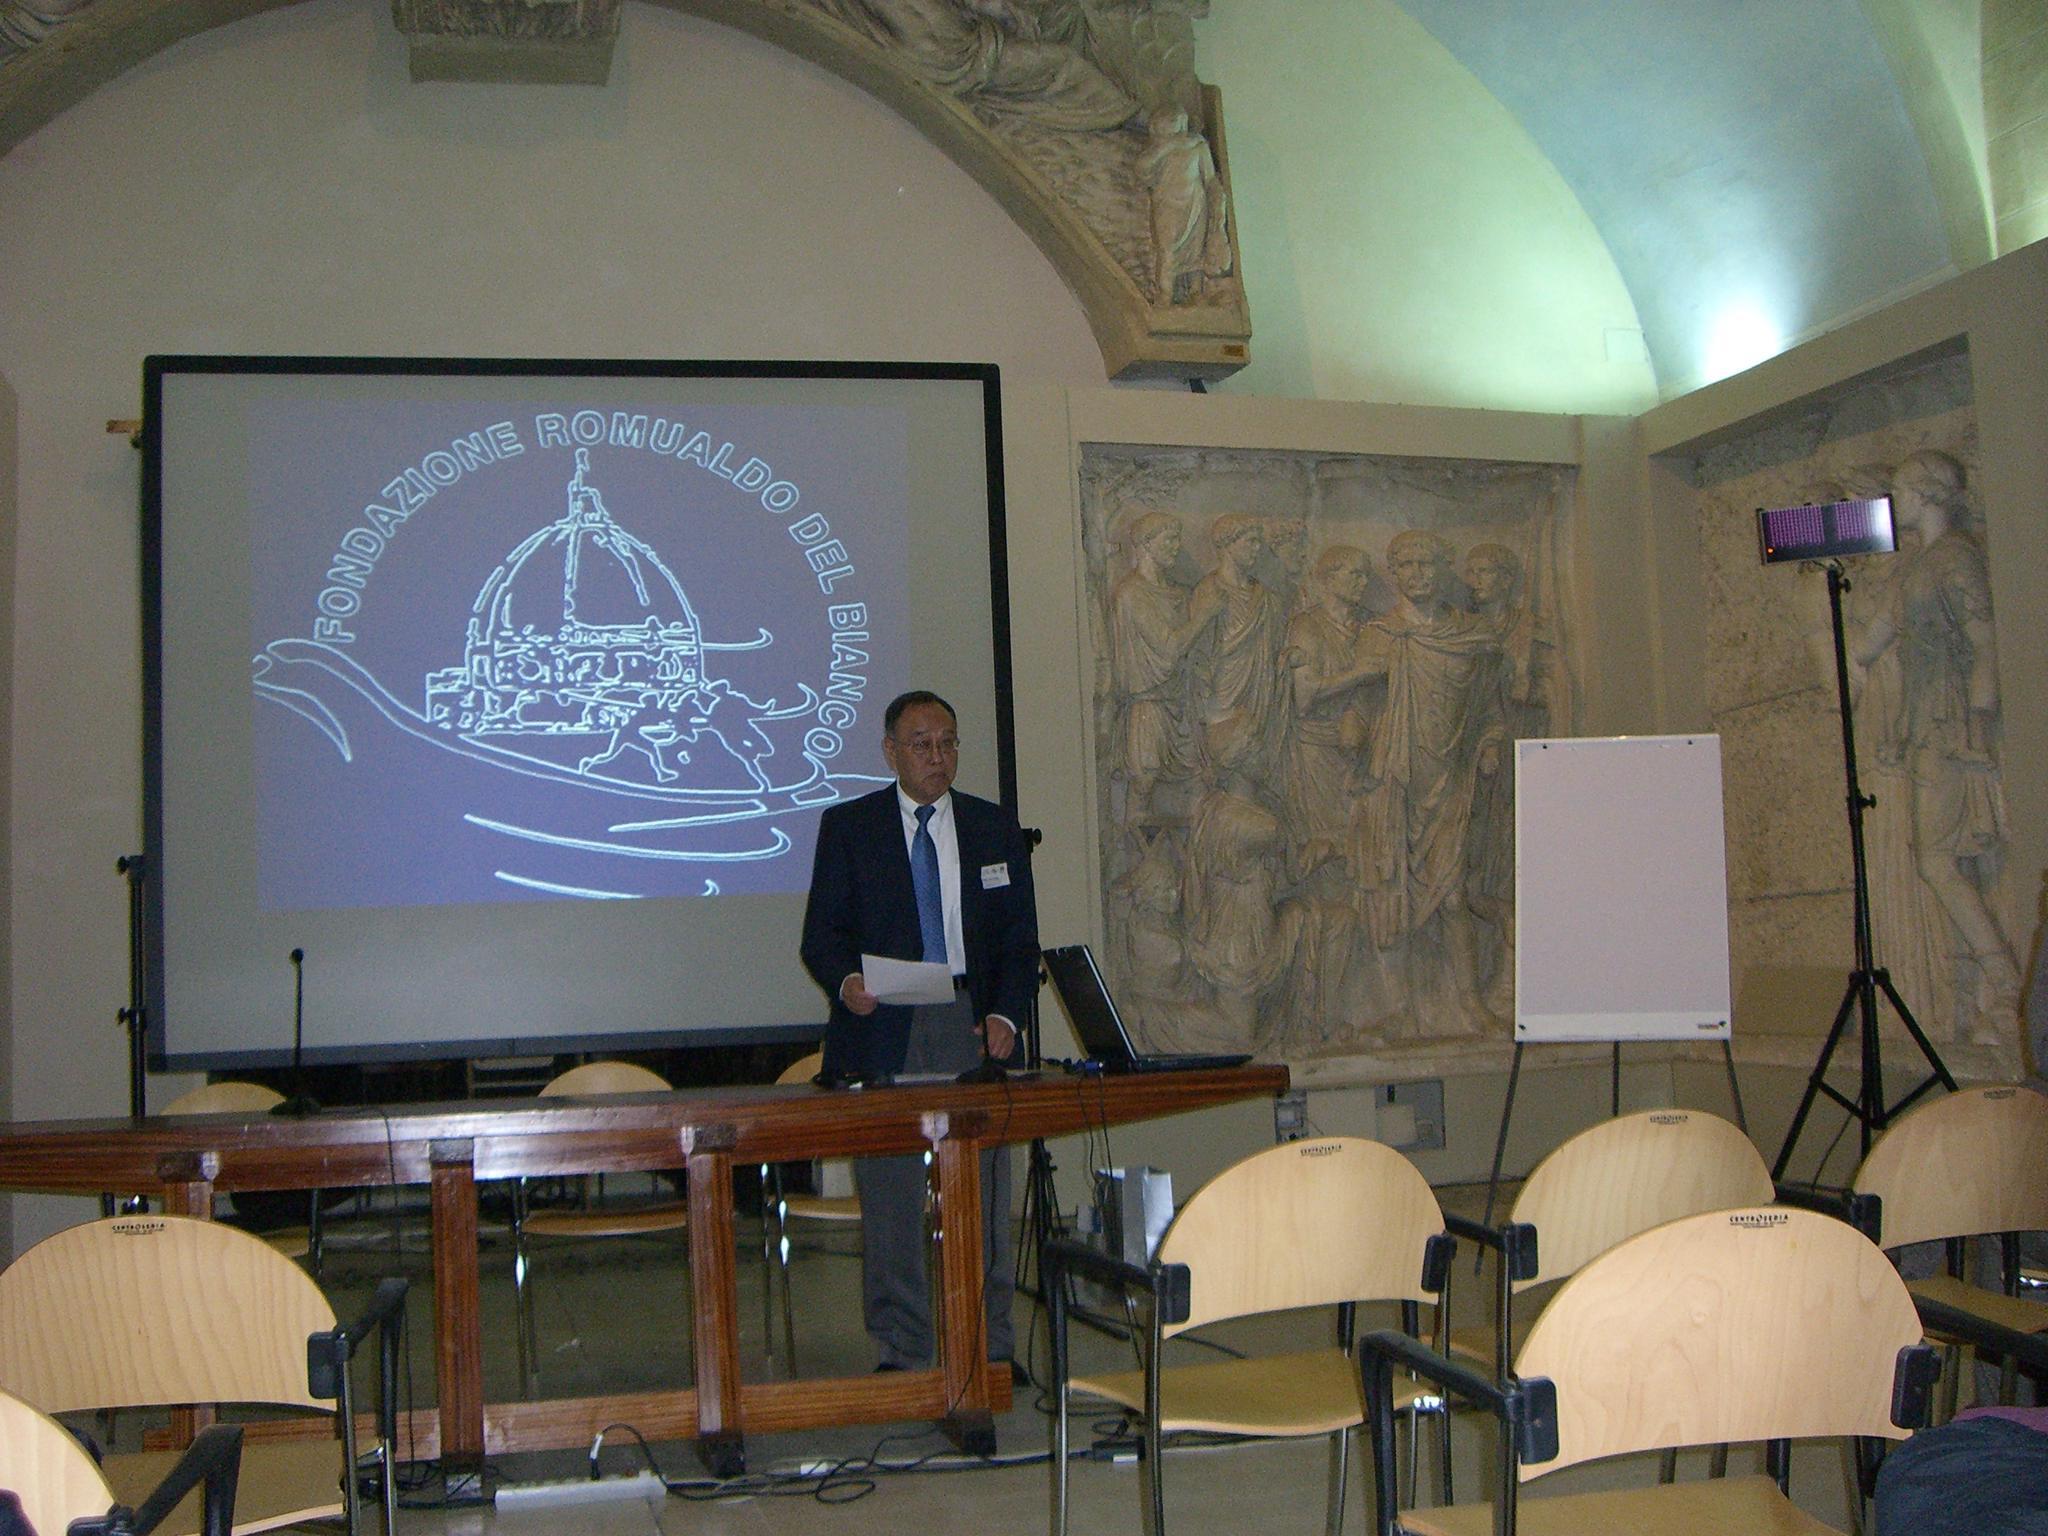 國際設計論文研討會 中原商設系開創歐洲學術交流契機